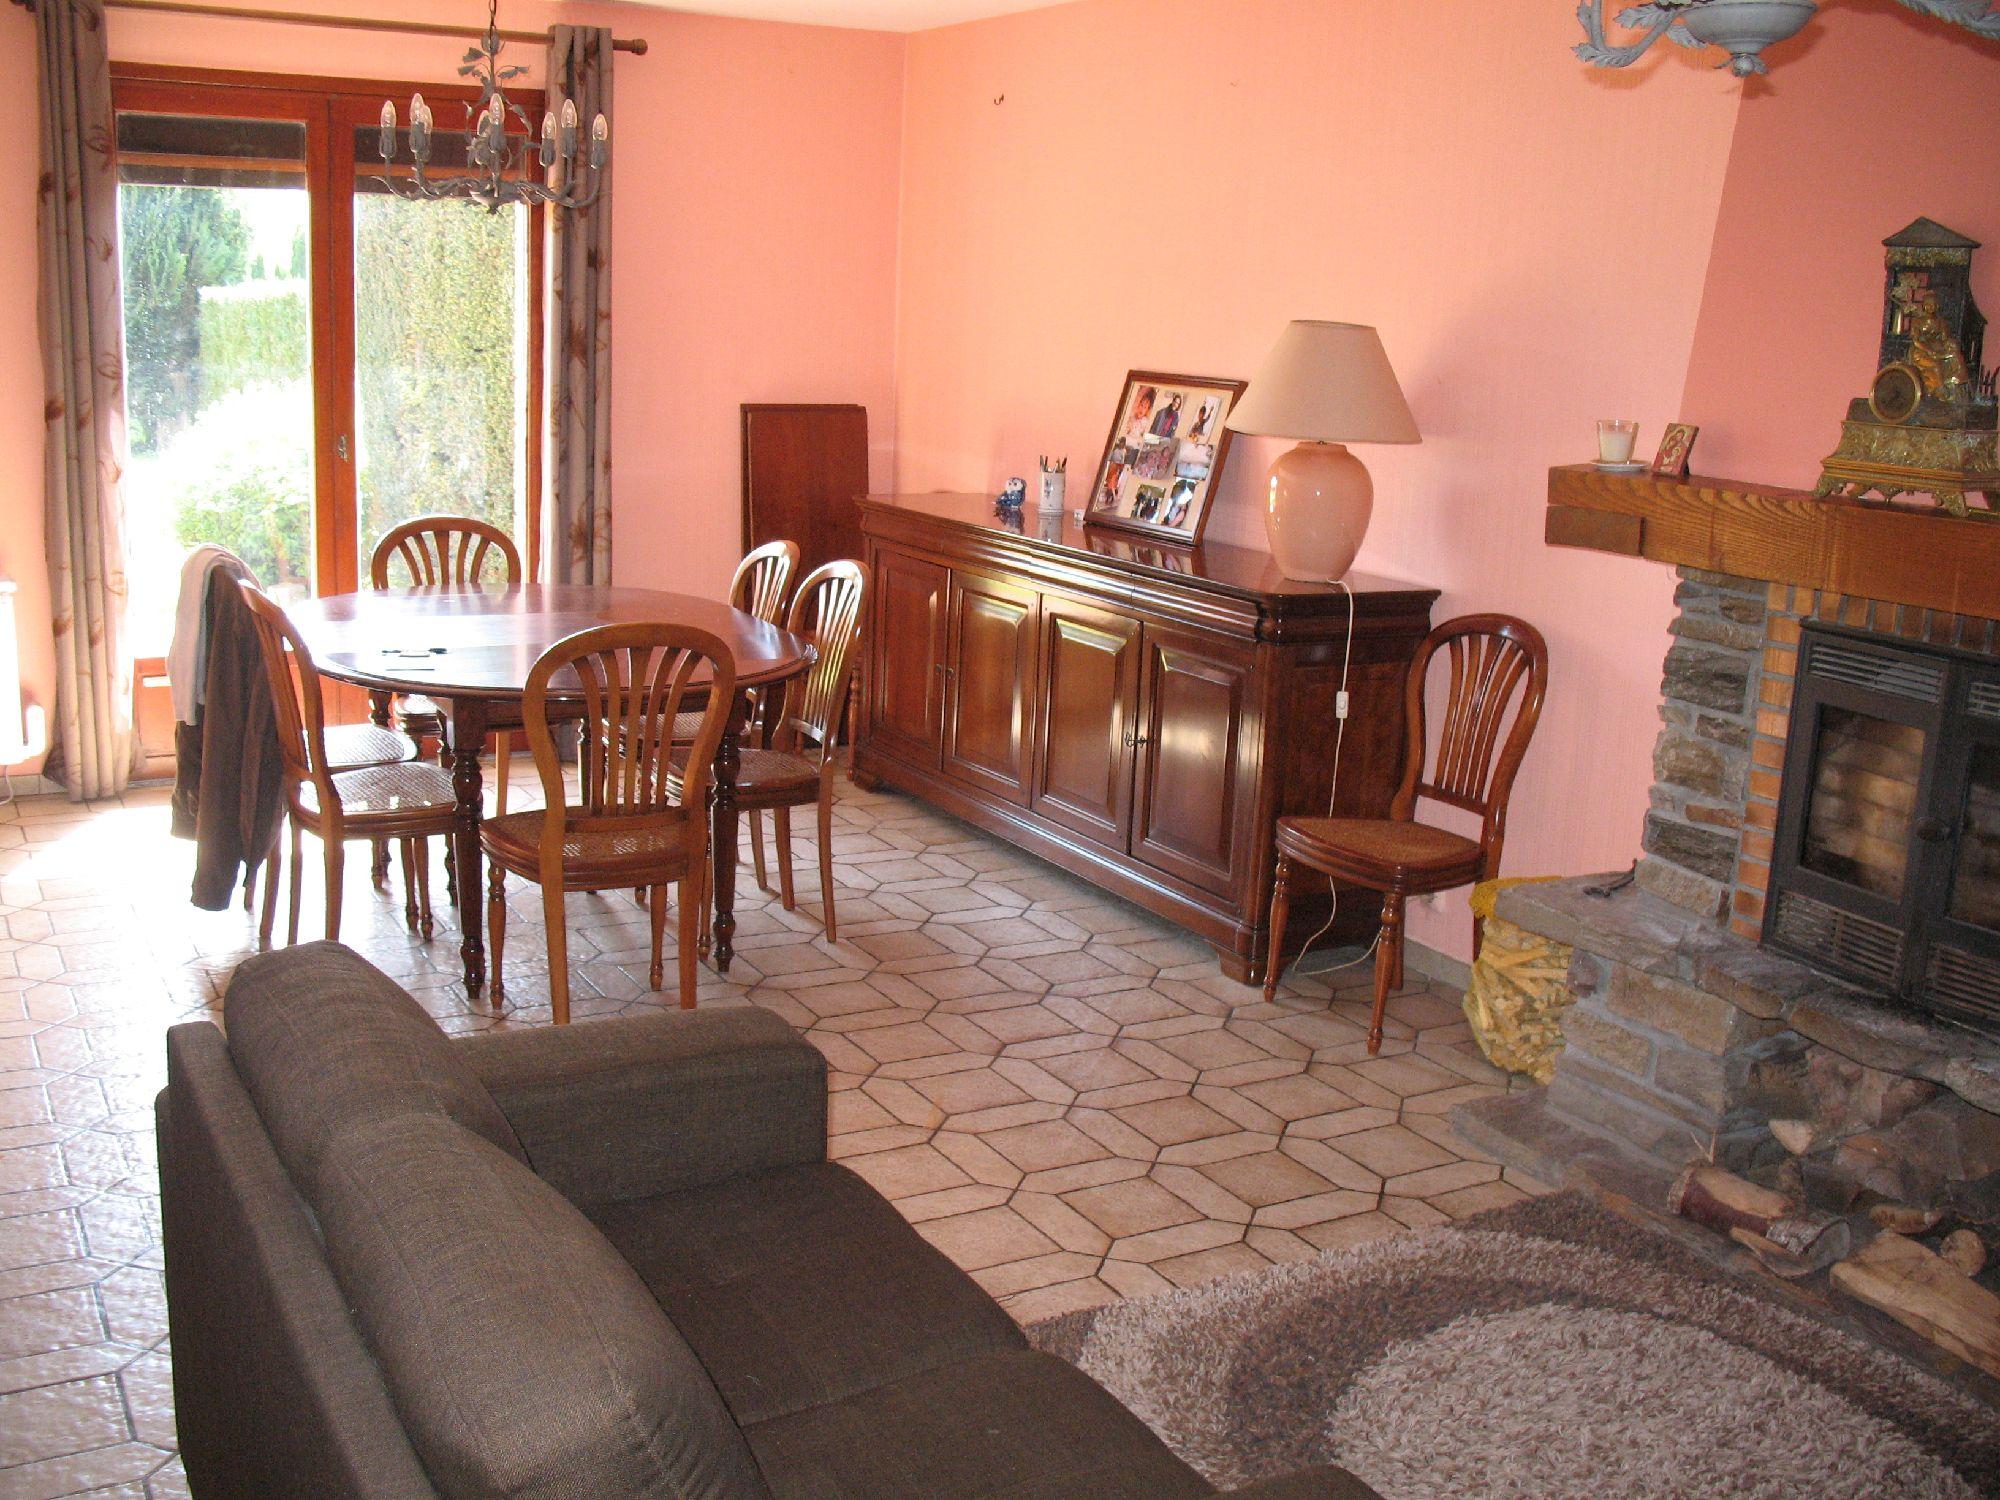 Vente maison flines les mortagne prix 226 000 hni ref 59175 856 - Surface habitable minimum d une chambre ...